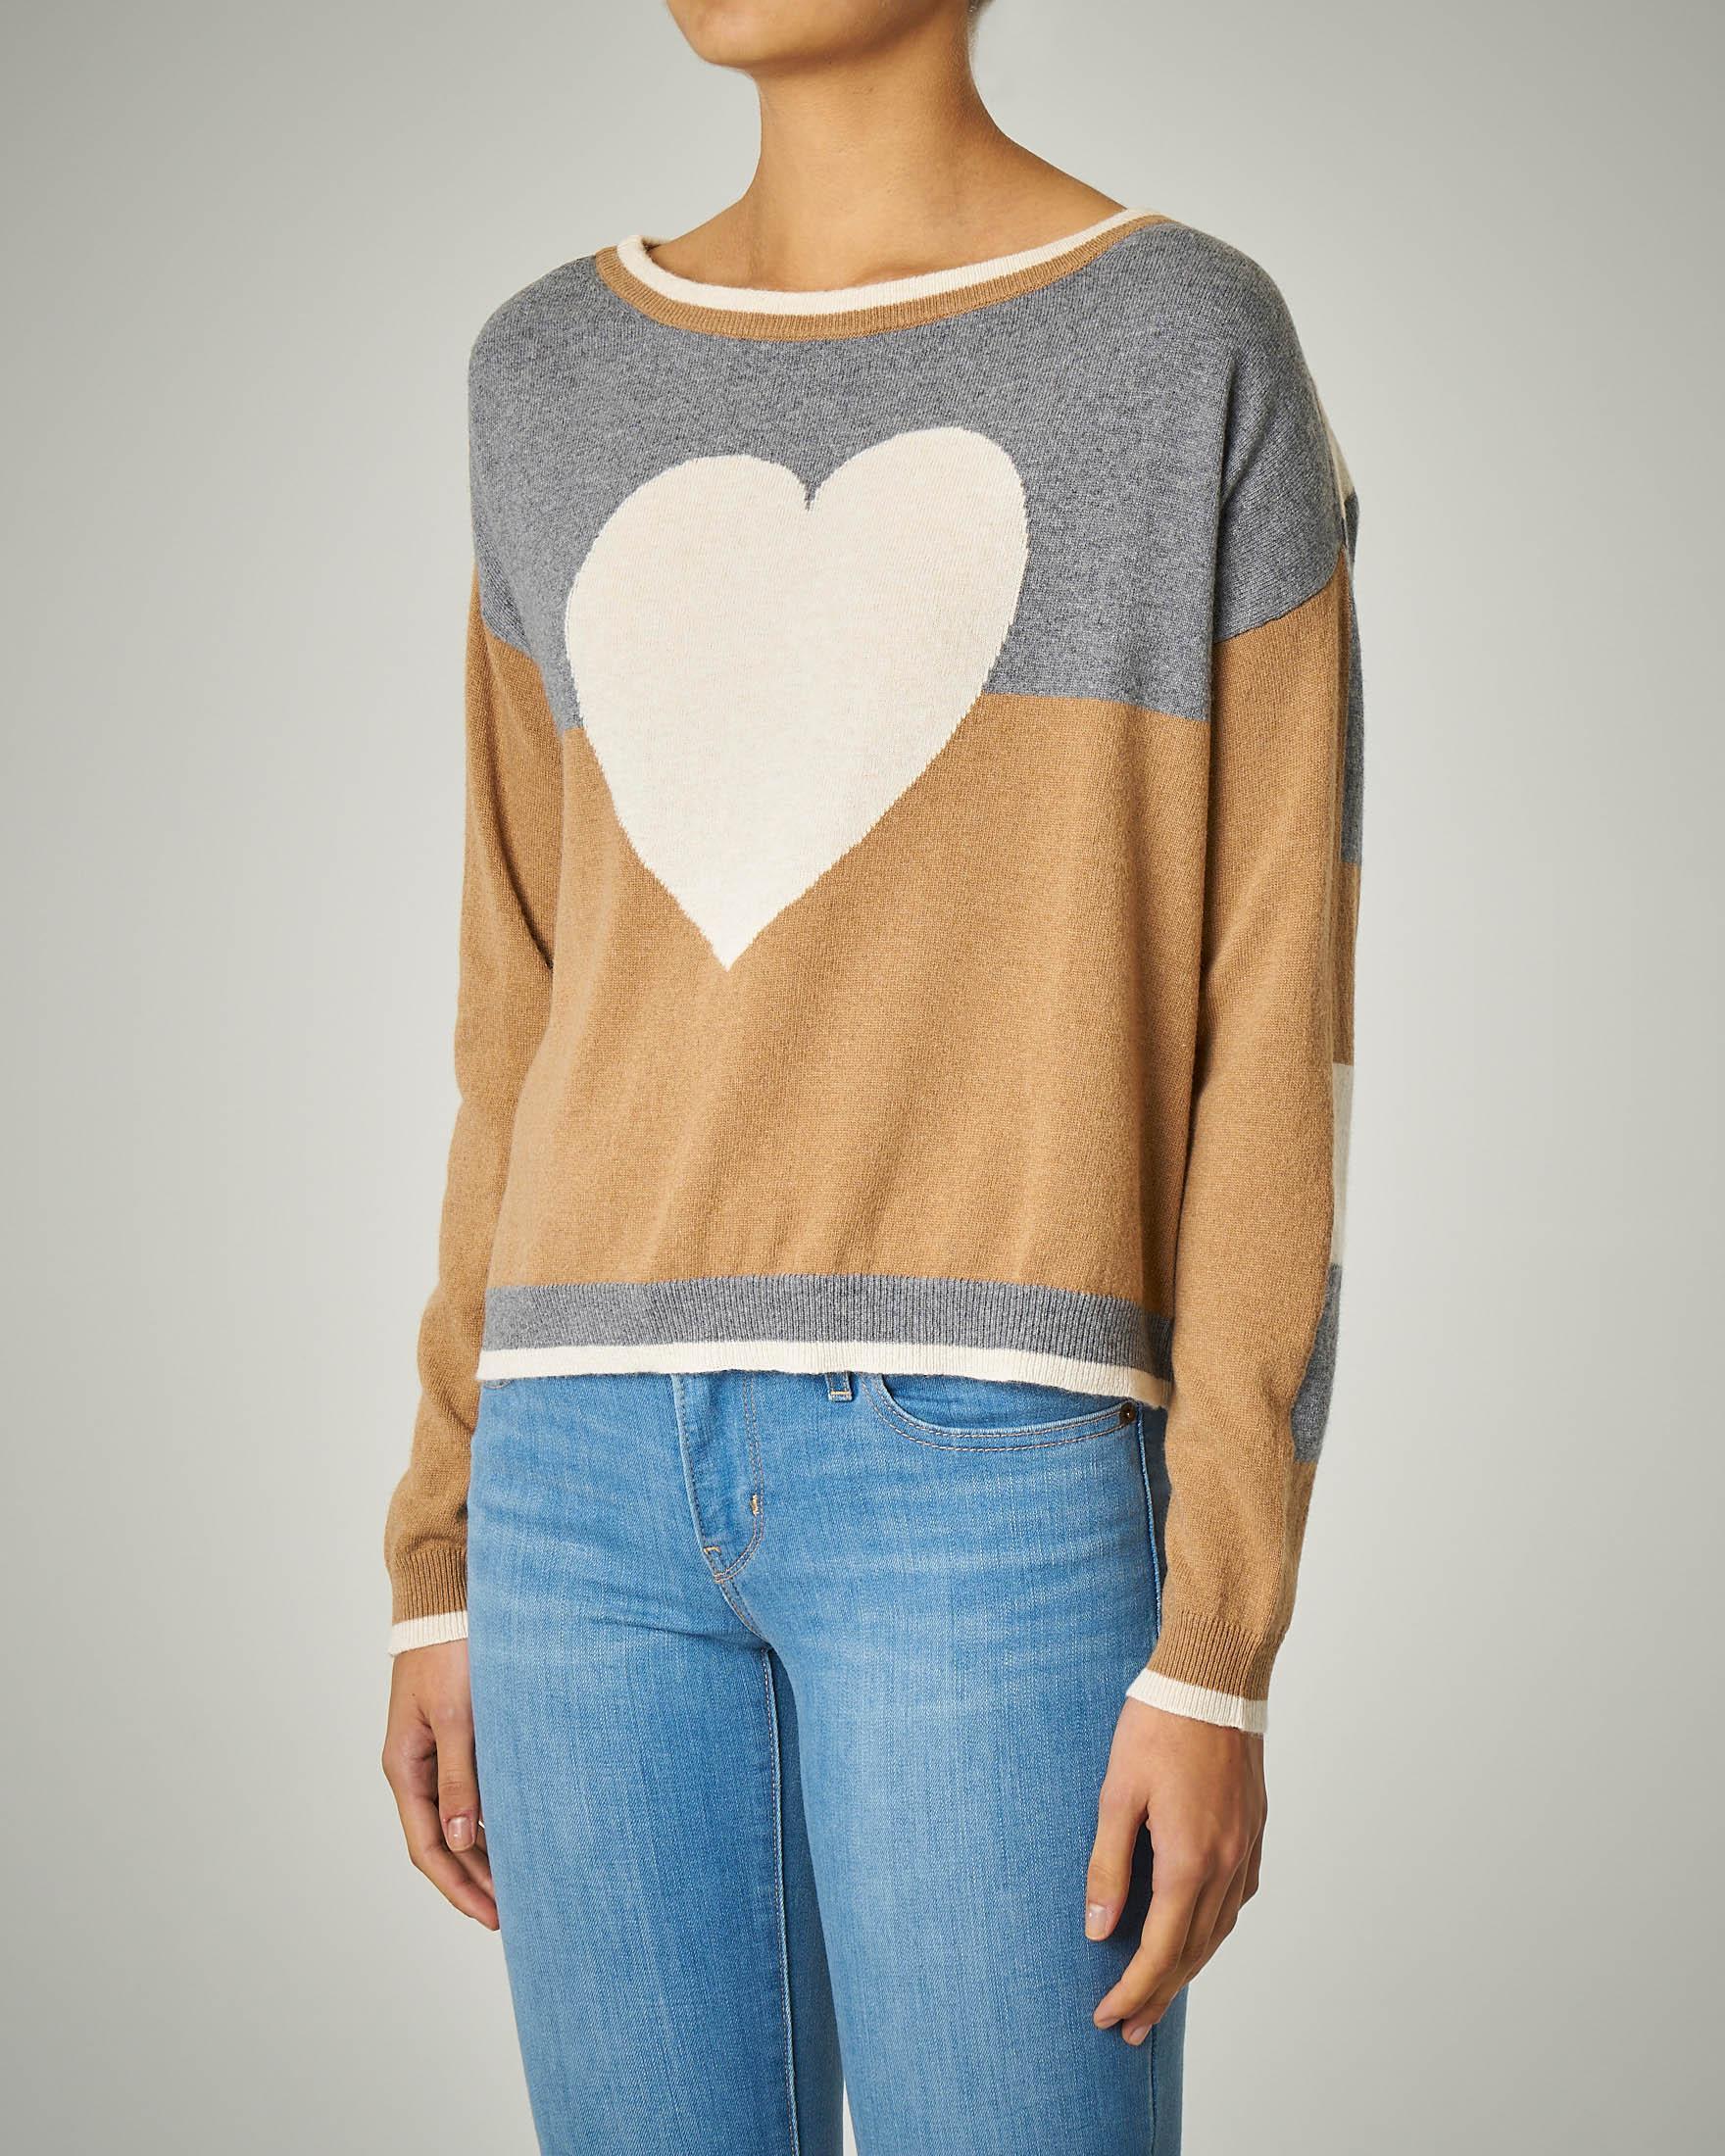 Maglia in lana misto cashmere a righe con ricamo a cuore